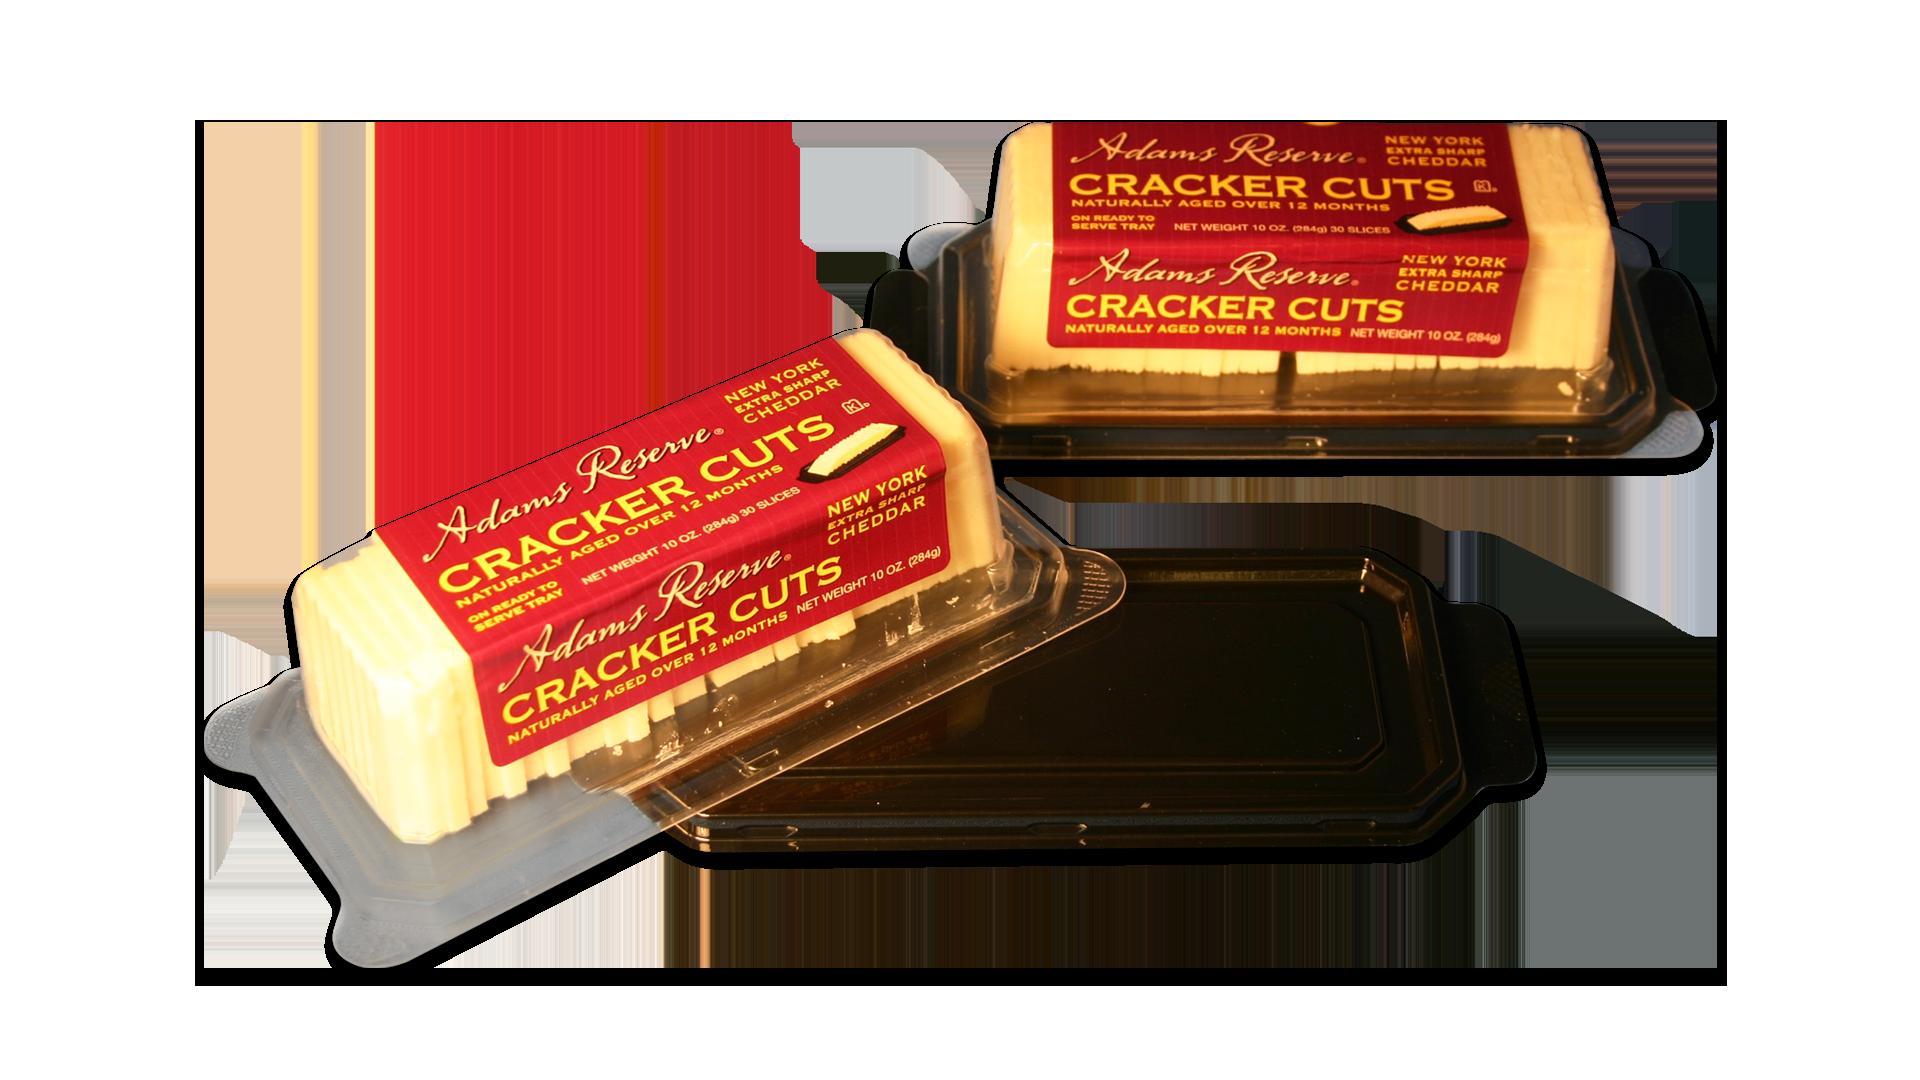 Cheese_CrackerCuts